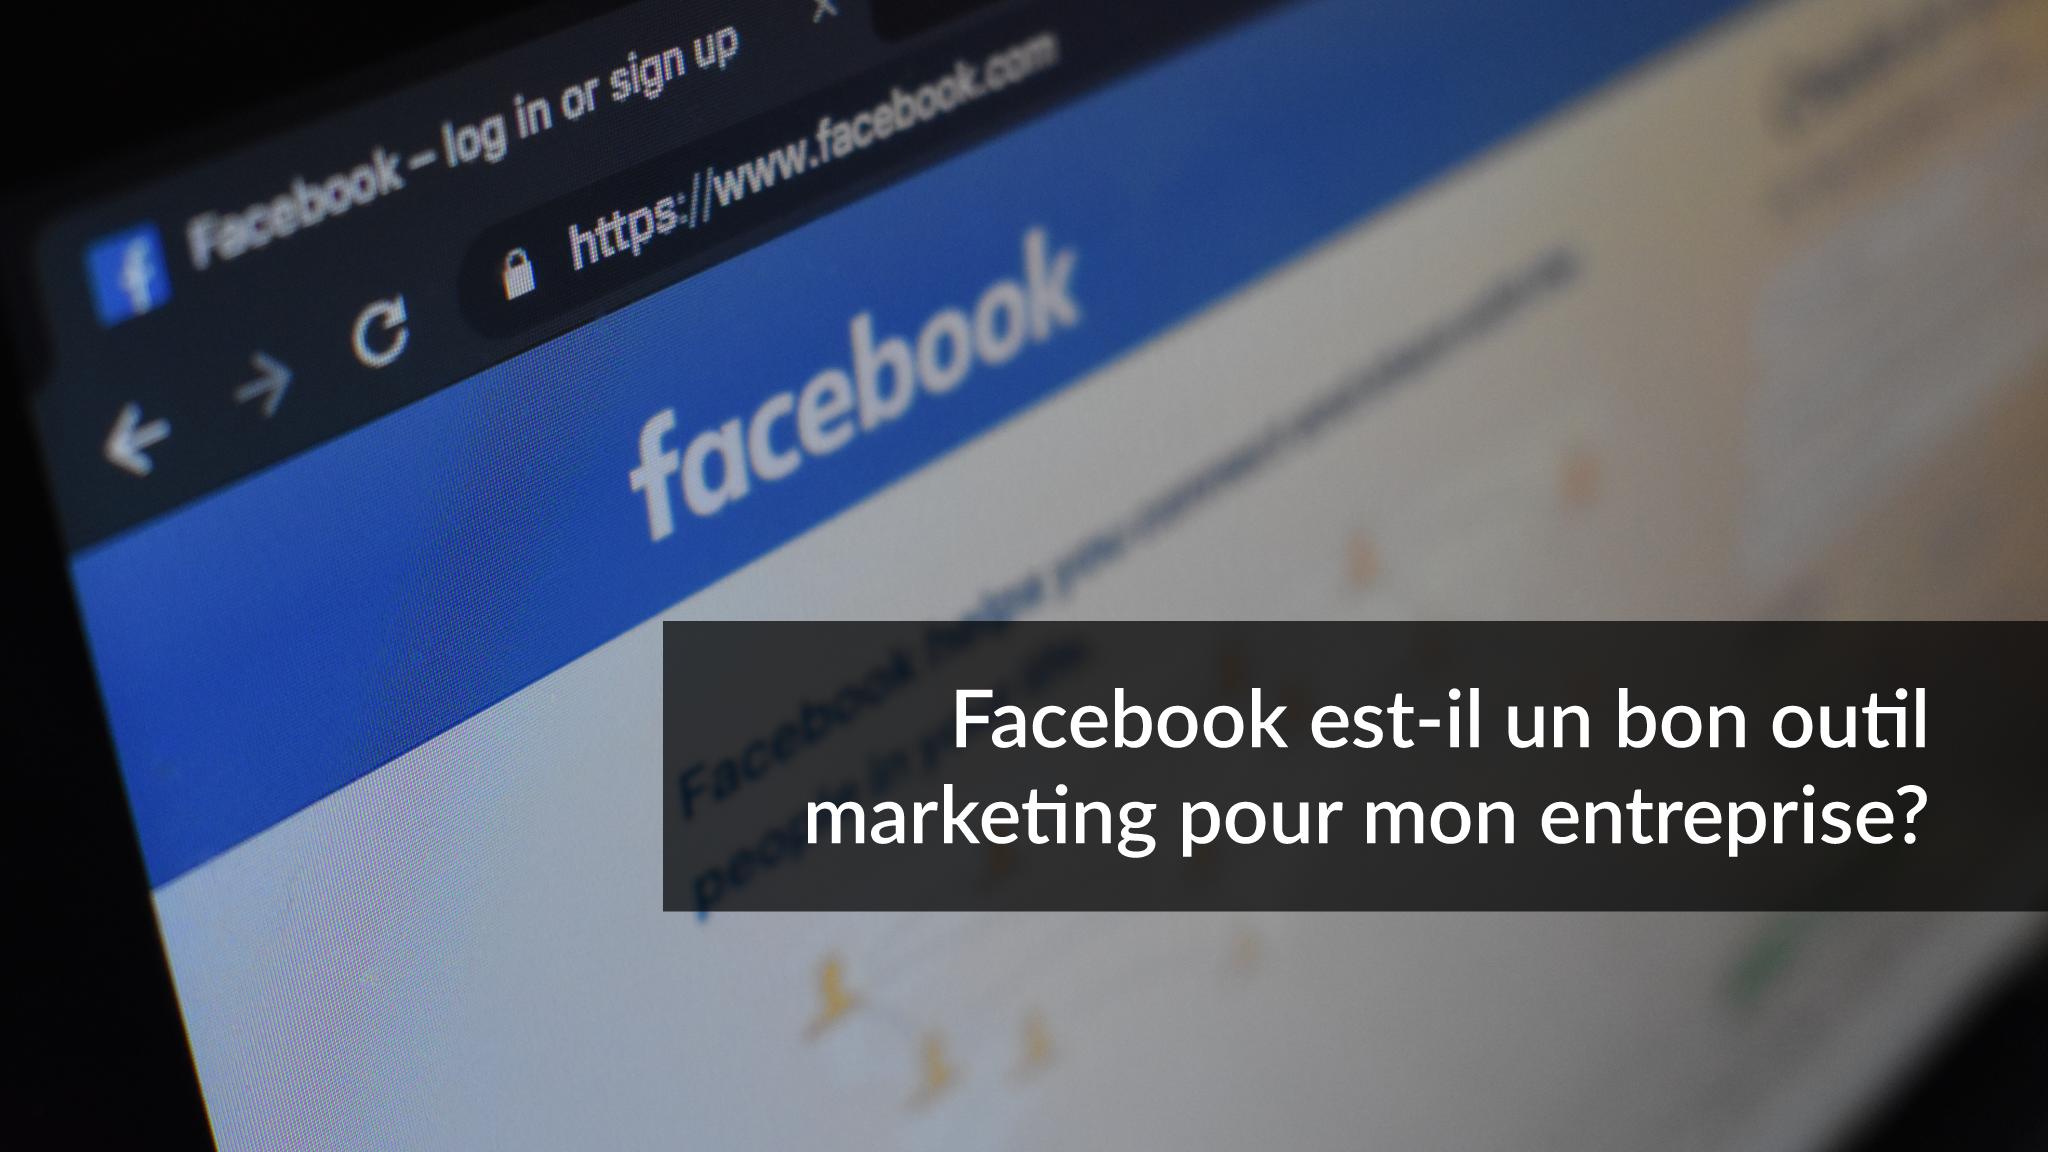 Facebook est-il un bon outil marketing pour mon entreprise? | Studio Grafik